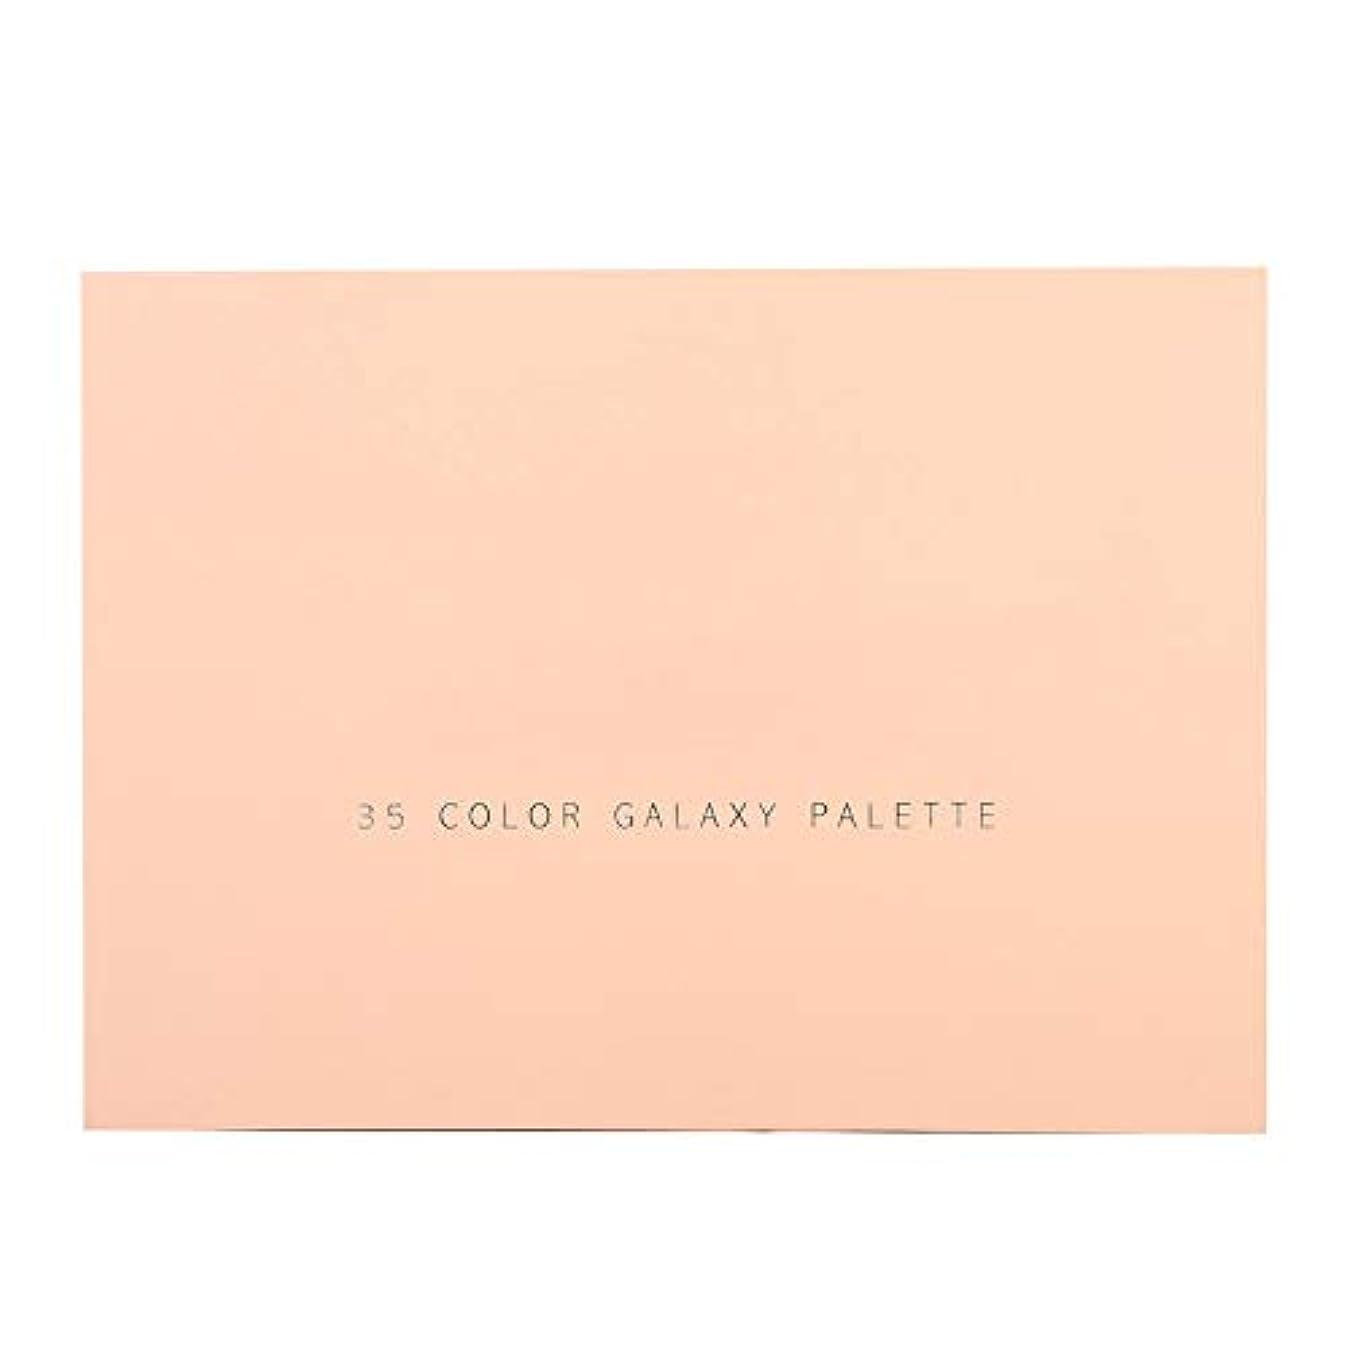 結果グレートバリアリーフ博物館35色キラキラマットアイシャドーパレット簡単に適用するアイシャドー化粧品メイクアップパウダー(ピンク)